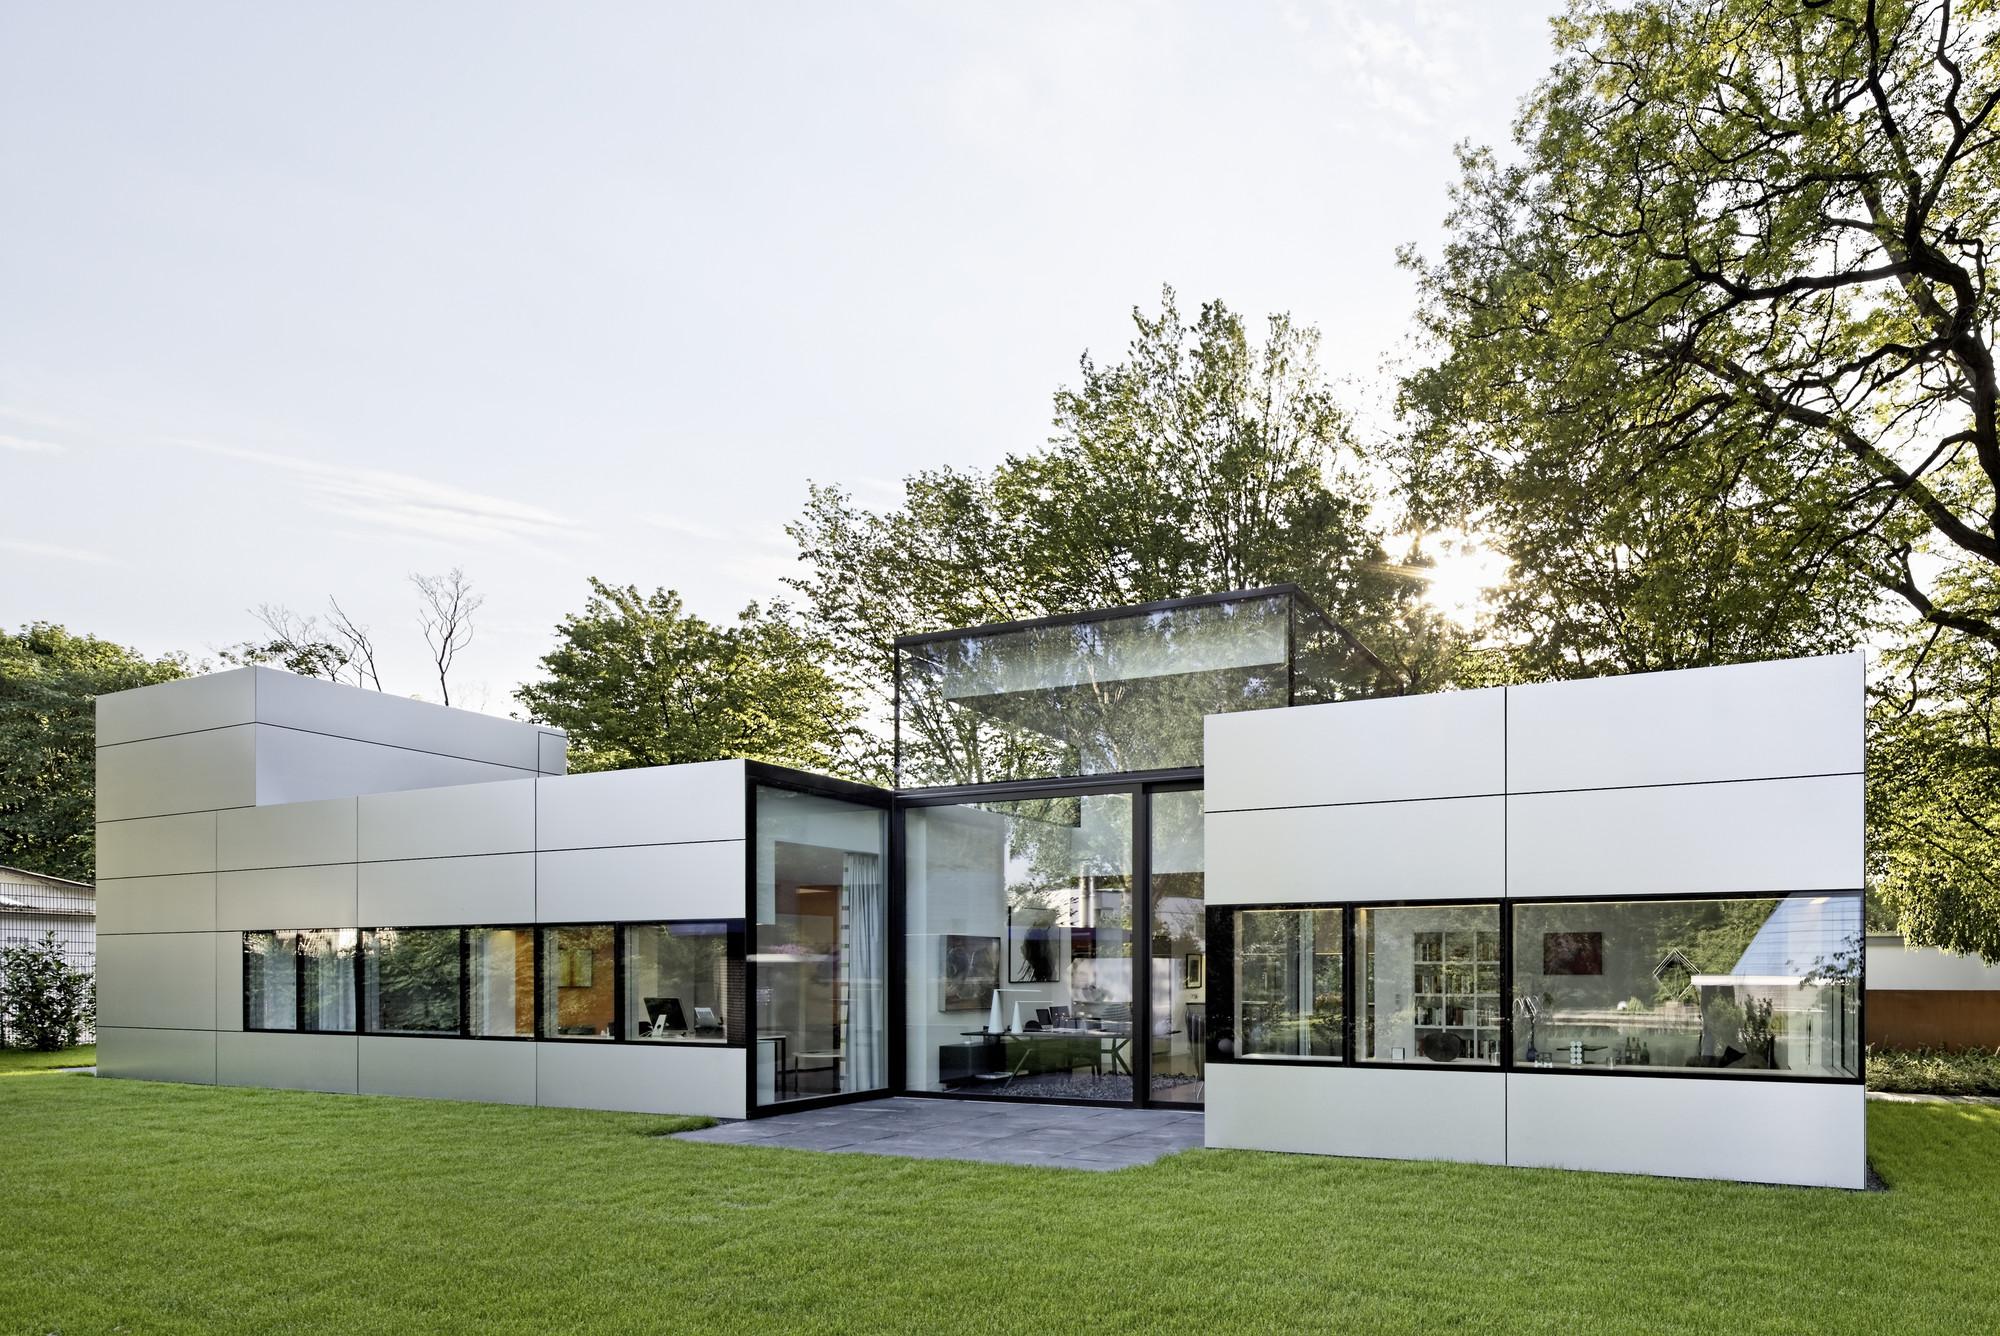 Gallery of Haus Neufert / Gatermann + Schossig - 10